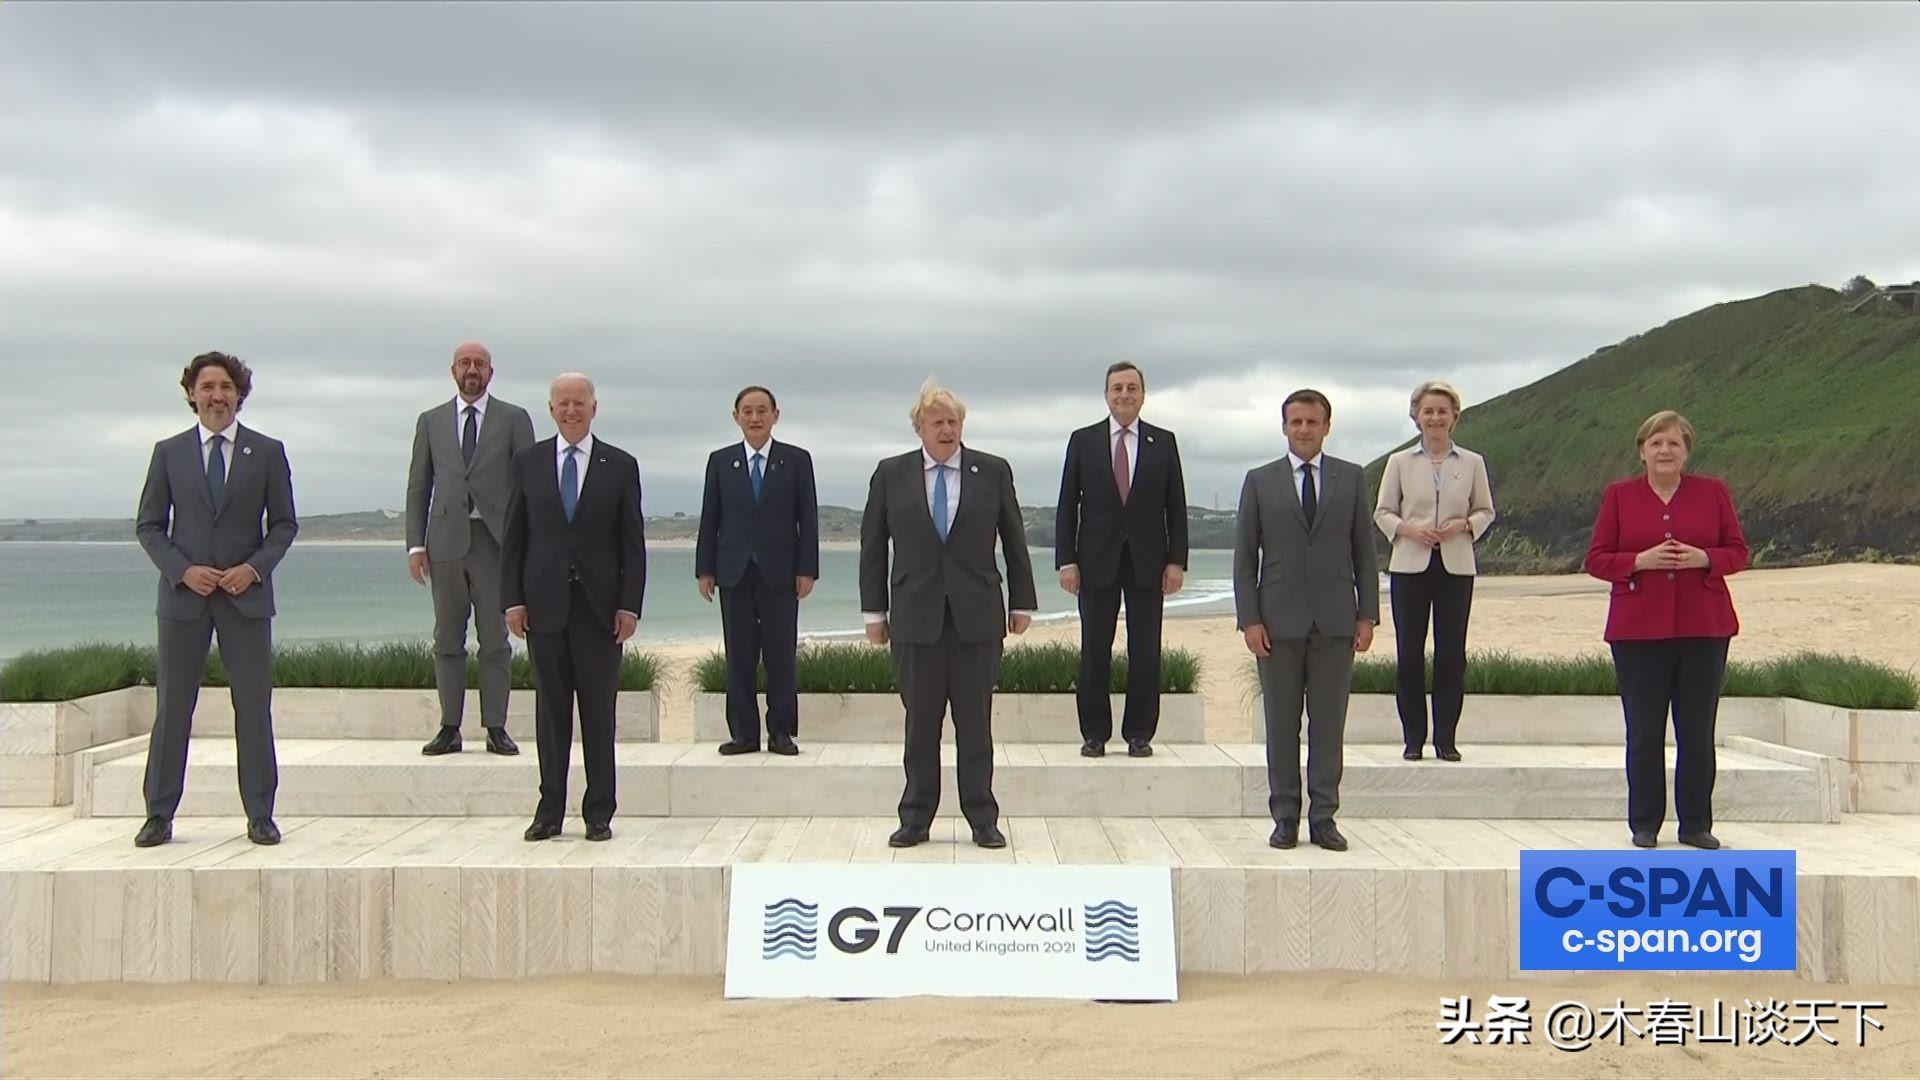 七国峰会大合影 为何站了9个人?西方人玩得真挺欢乐